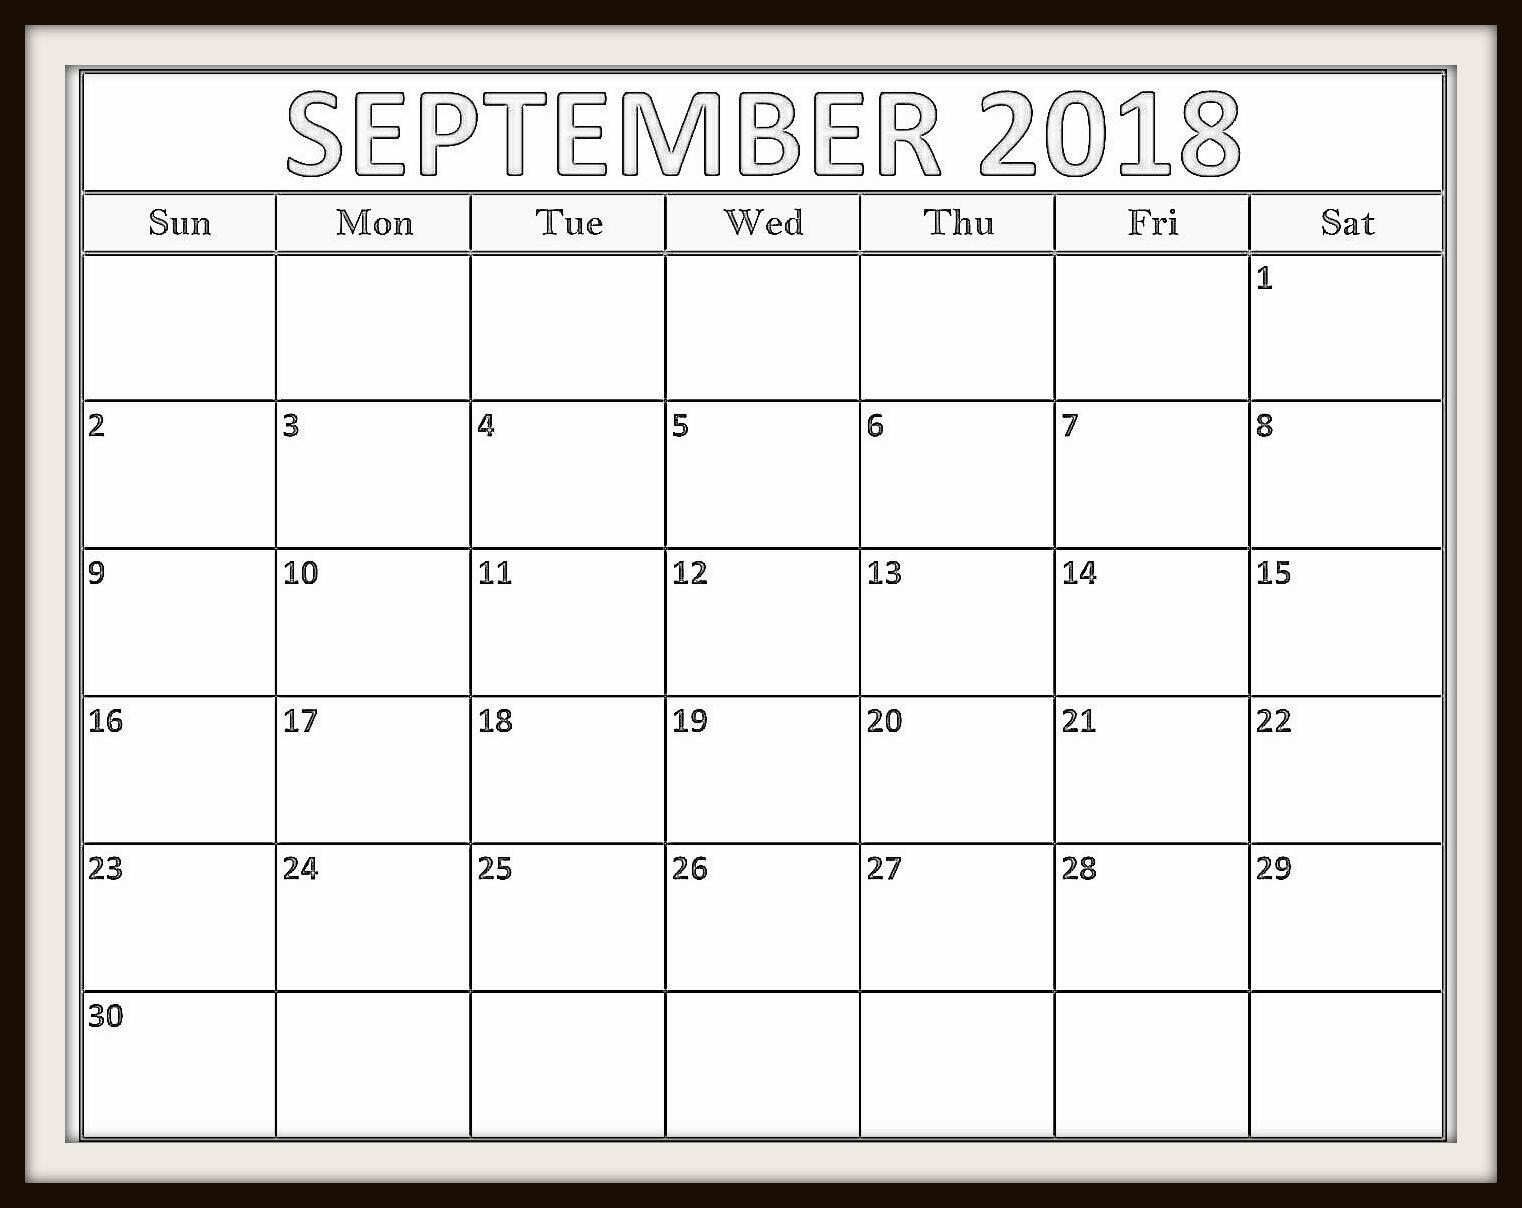 September 2018 Calendar Singapore